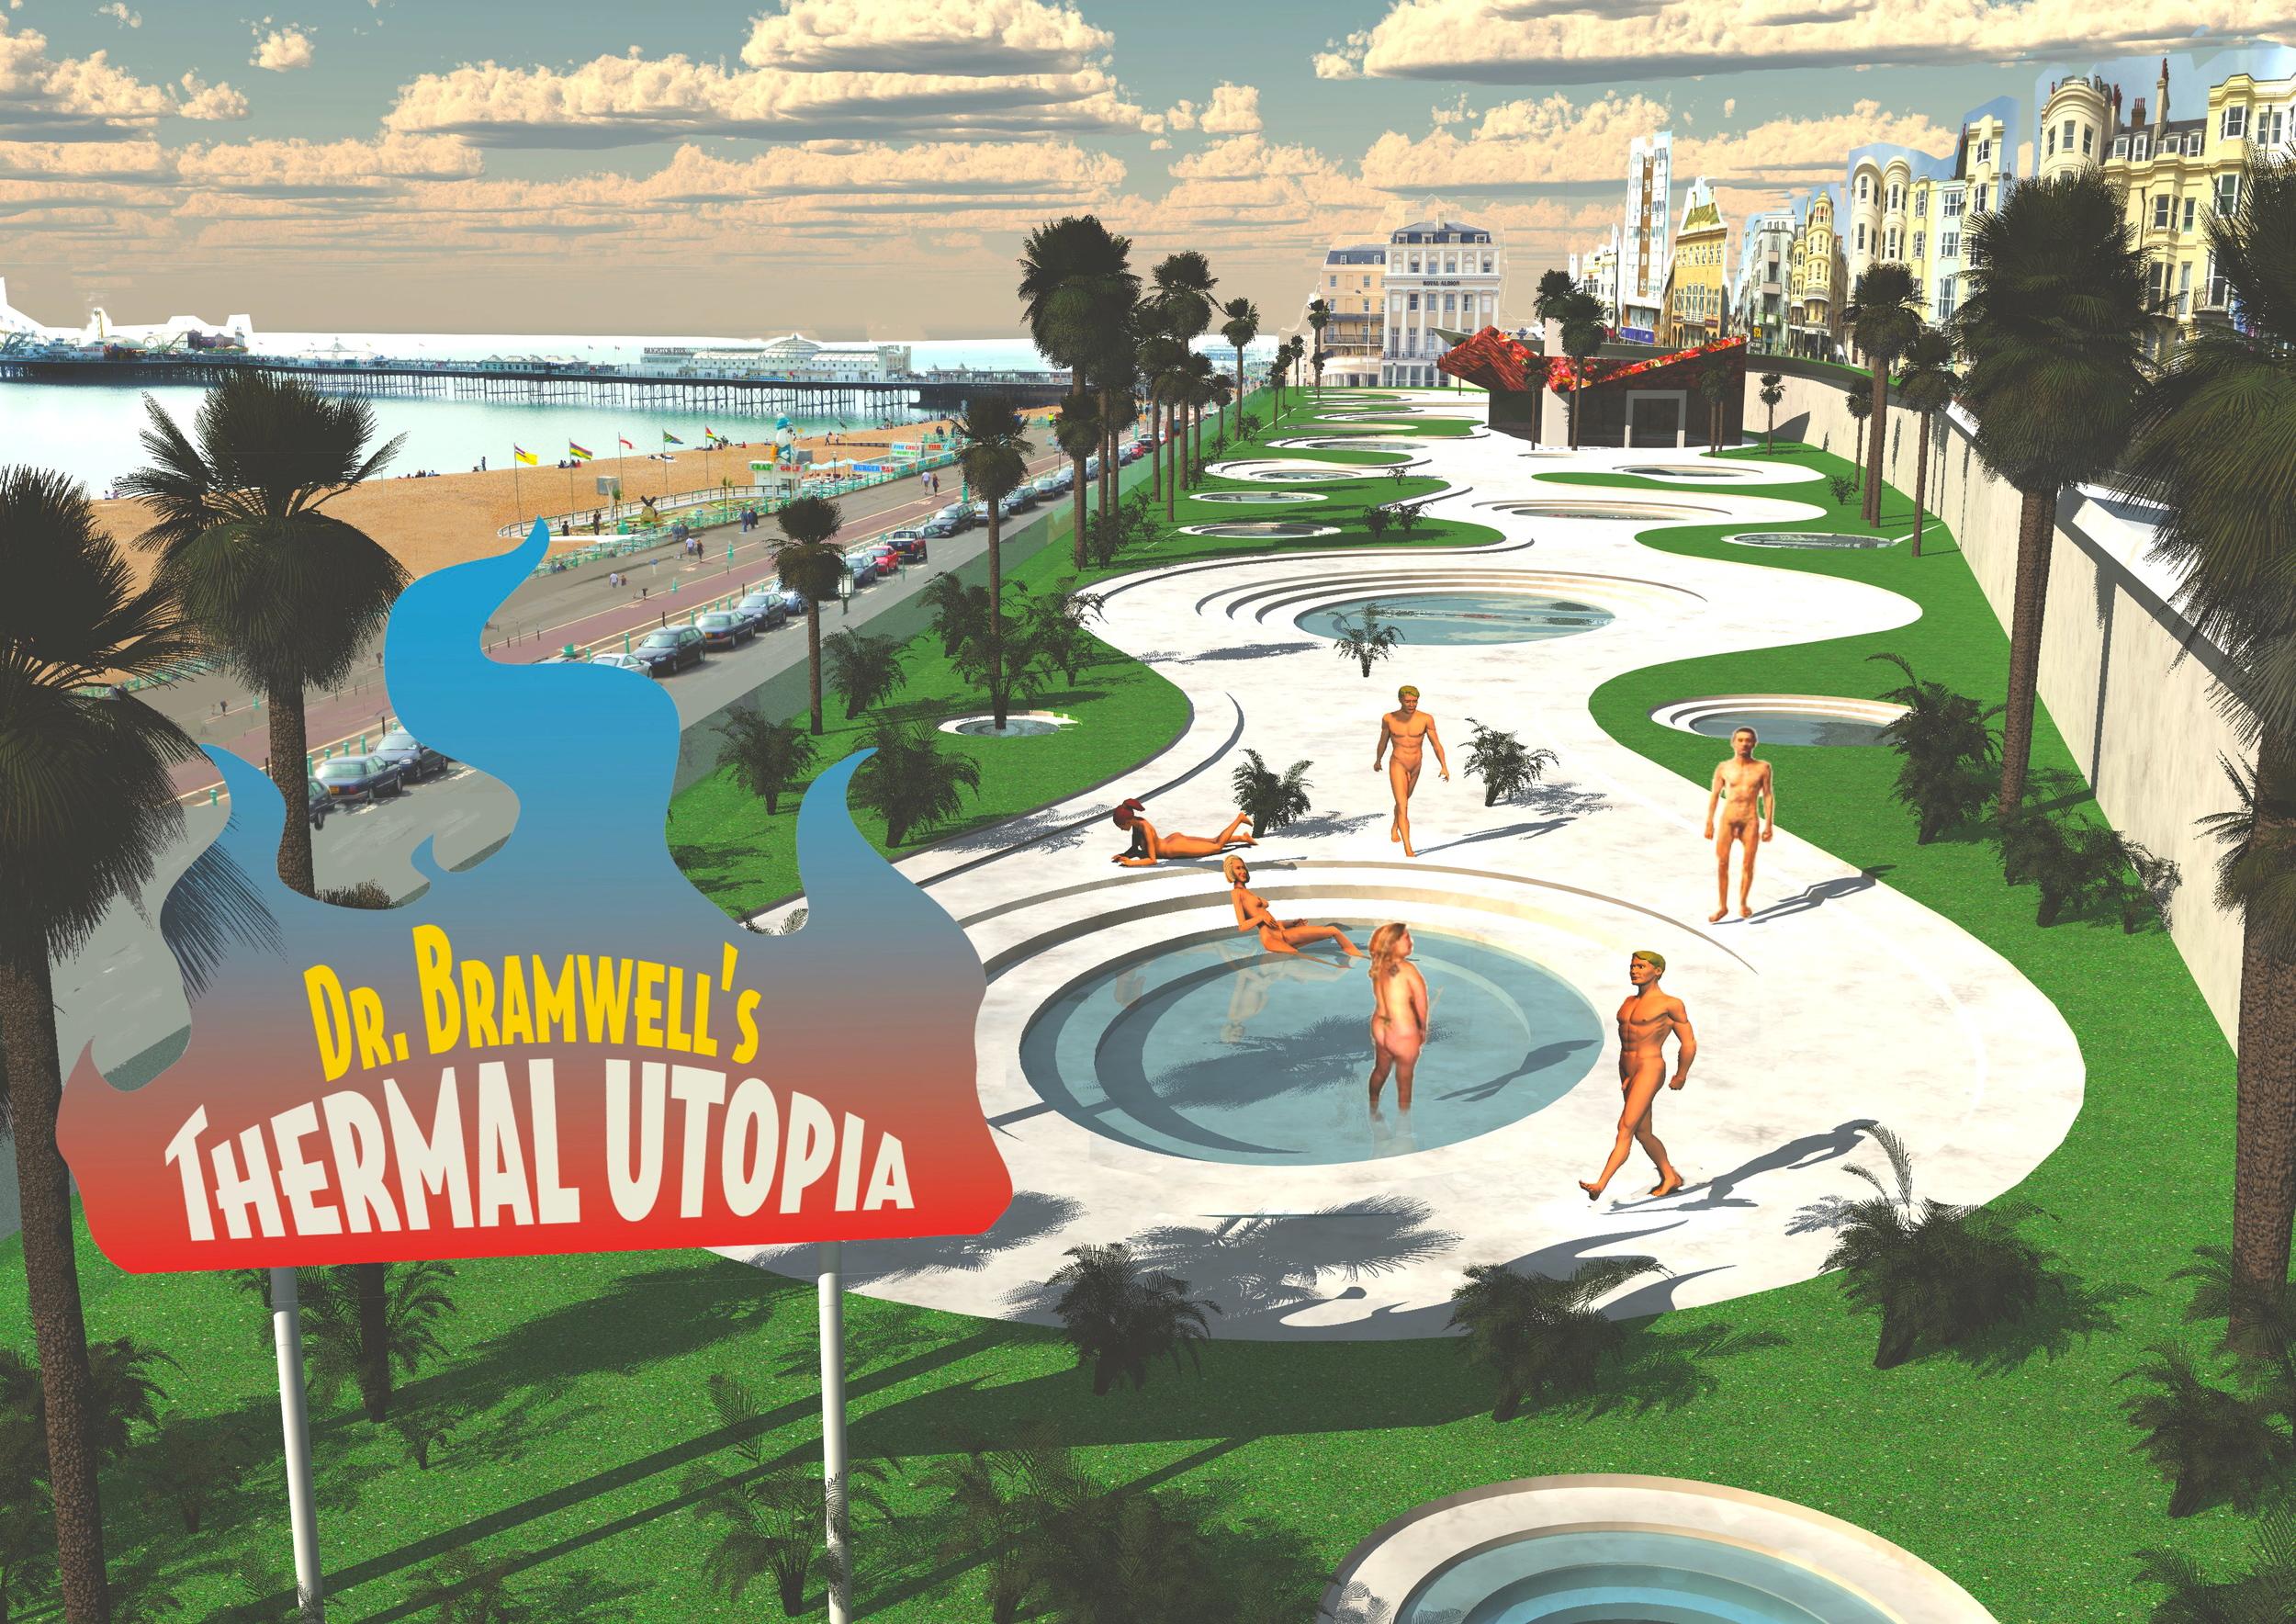 dr bramwell's thermal utopia.jpg